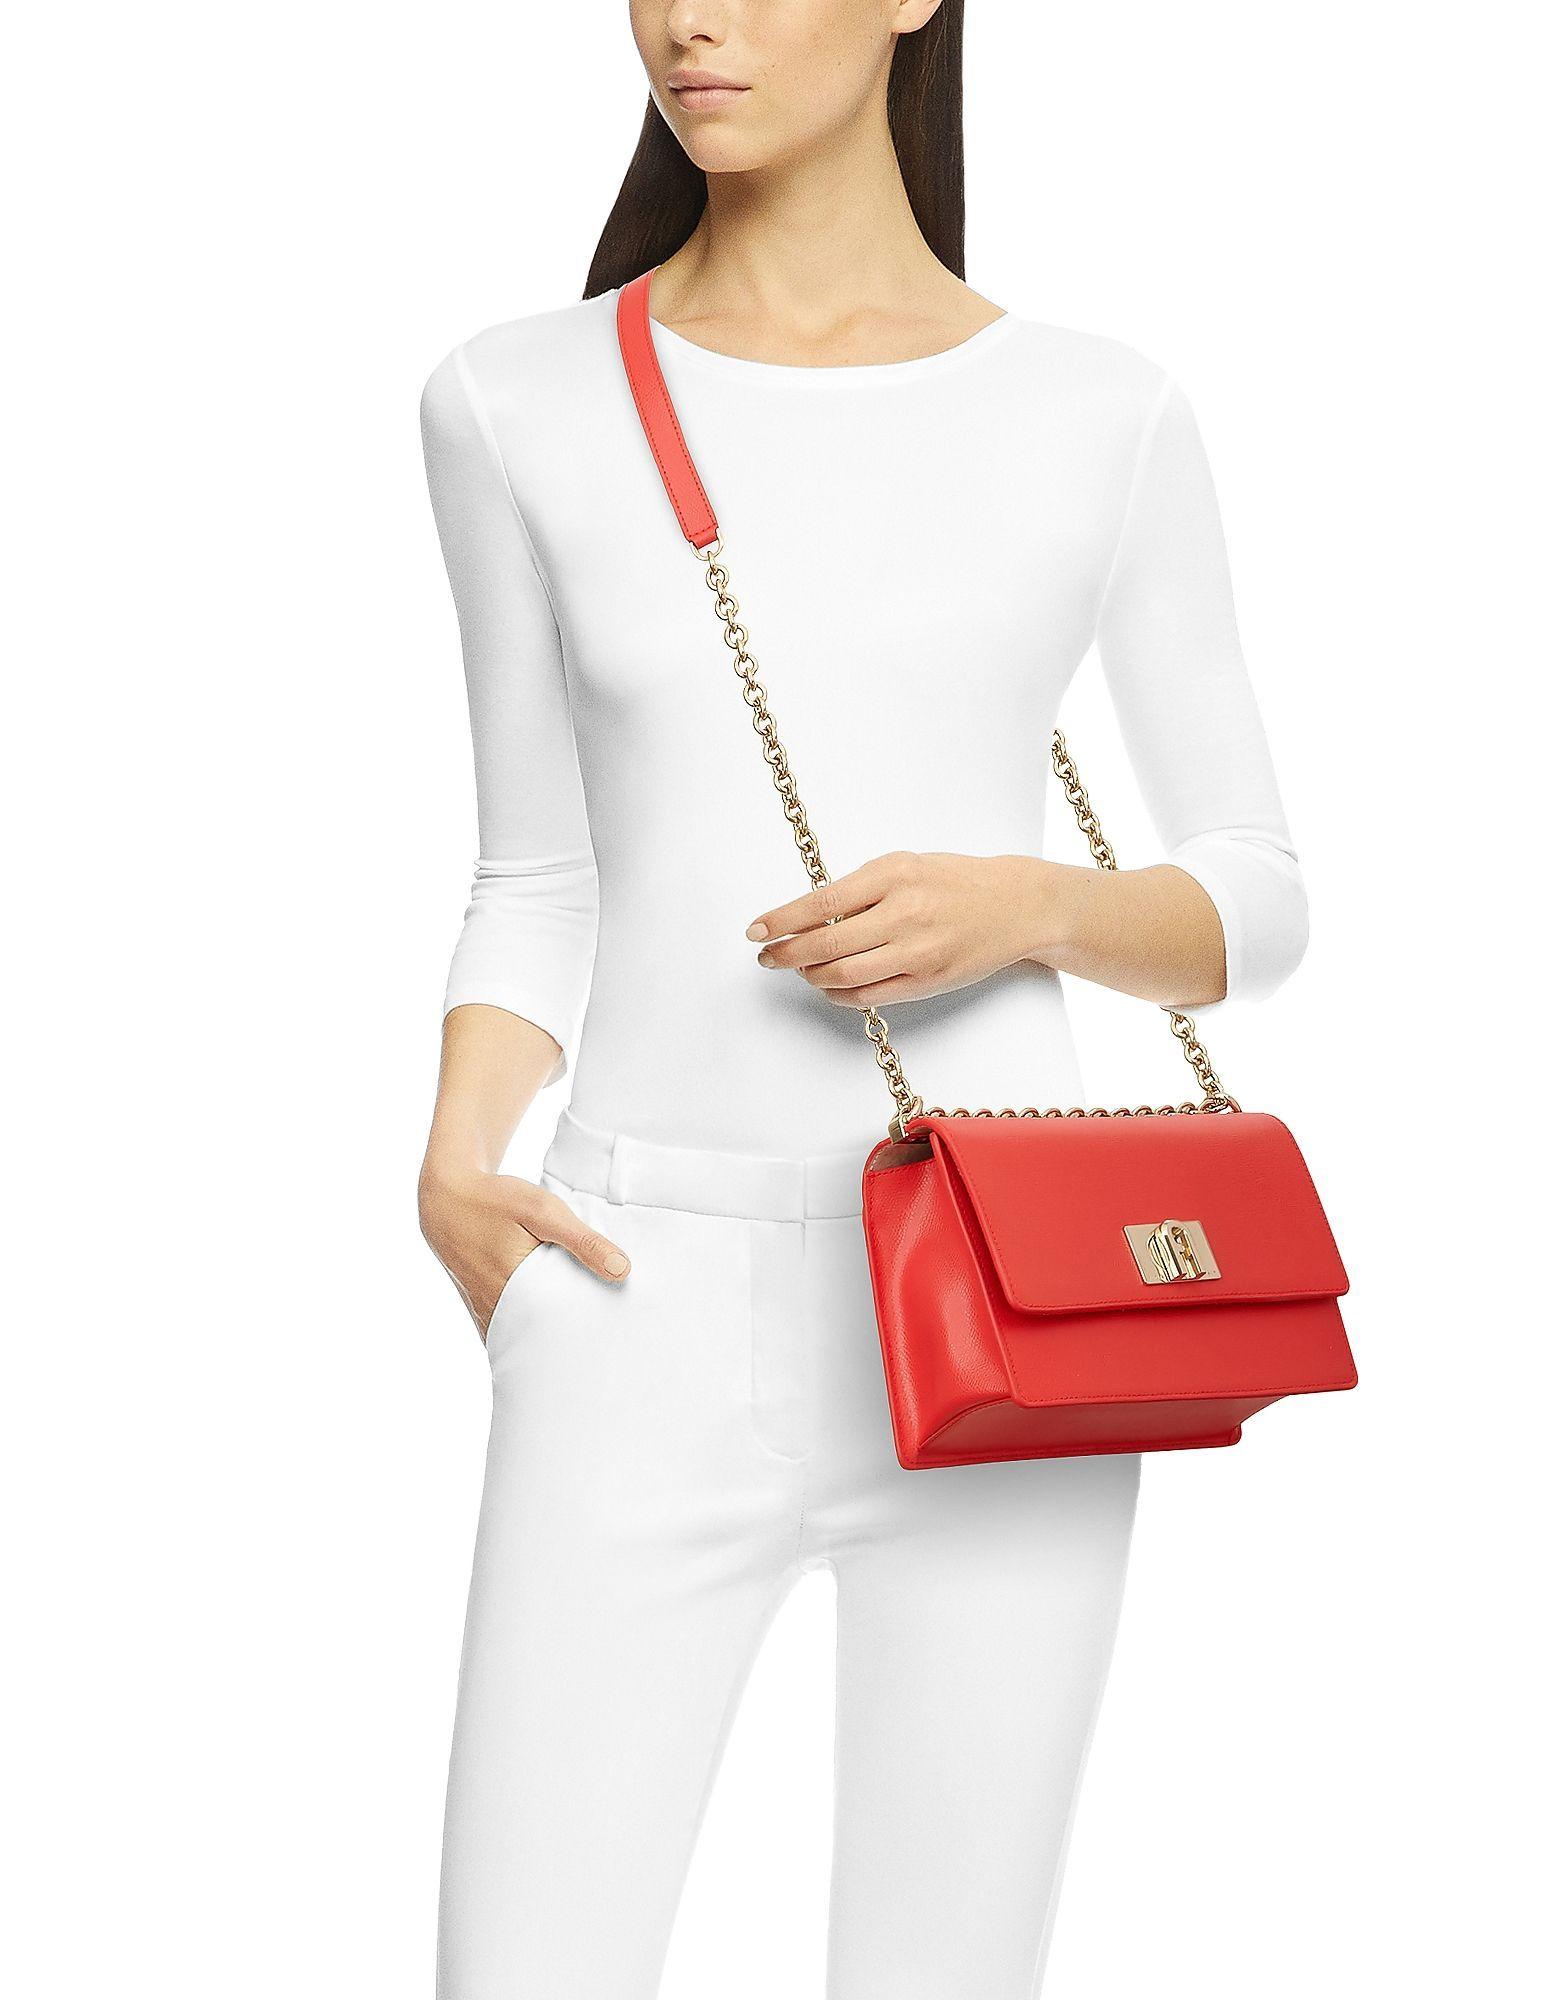 FURLA WOMEN'S 1057098 RED LEATHER SHOULDER BAG